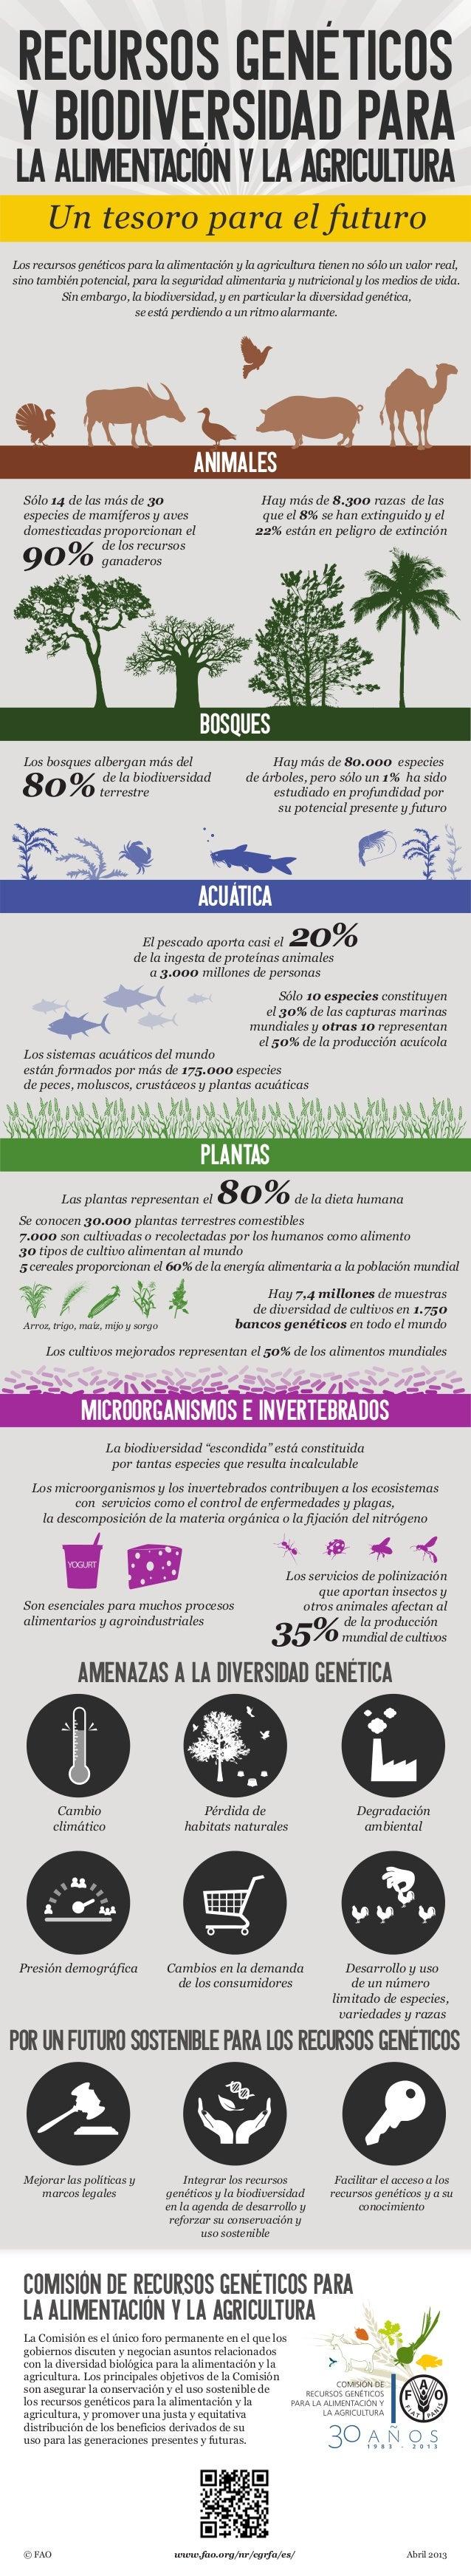 AMENAZAS A LA DIVERSIDAD GENÉTICA Un tesoro para el futuro Los recursos genéticos para la alimentación y la agricultura ti...